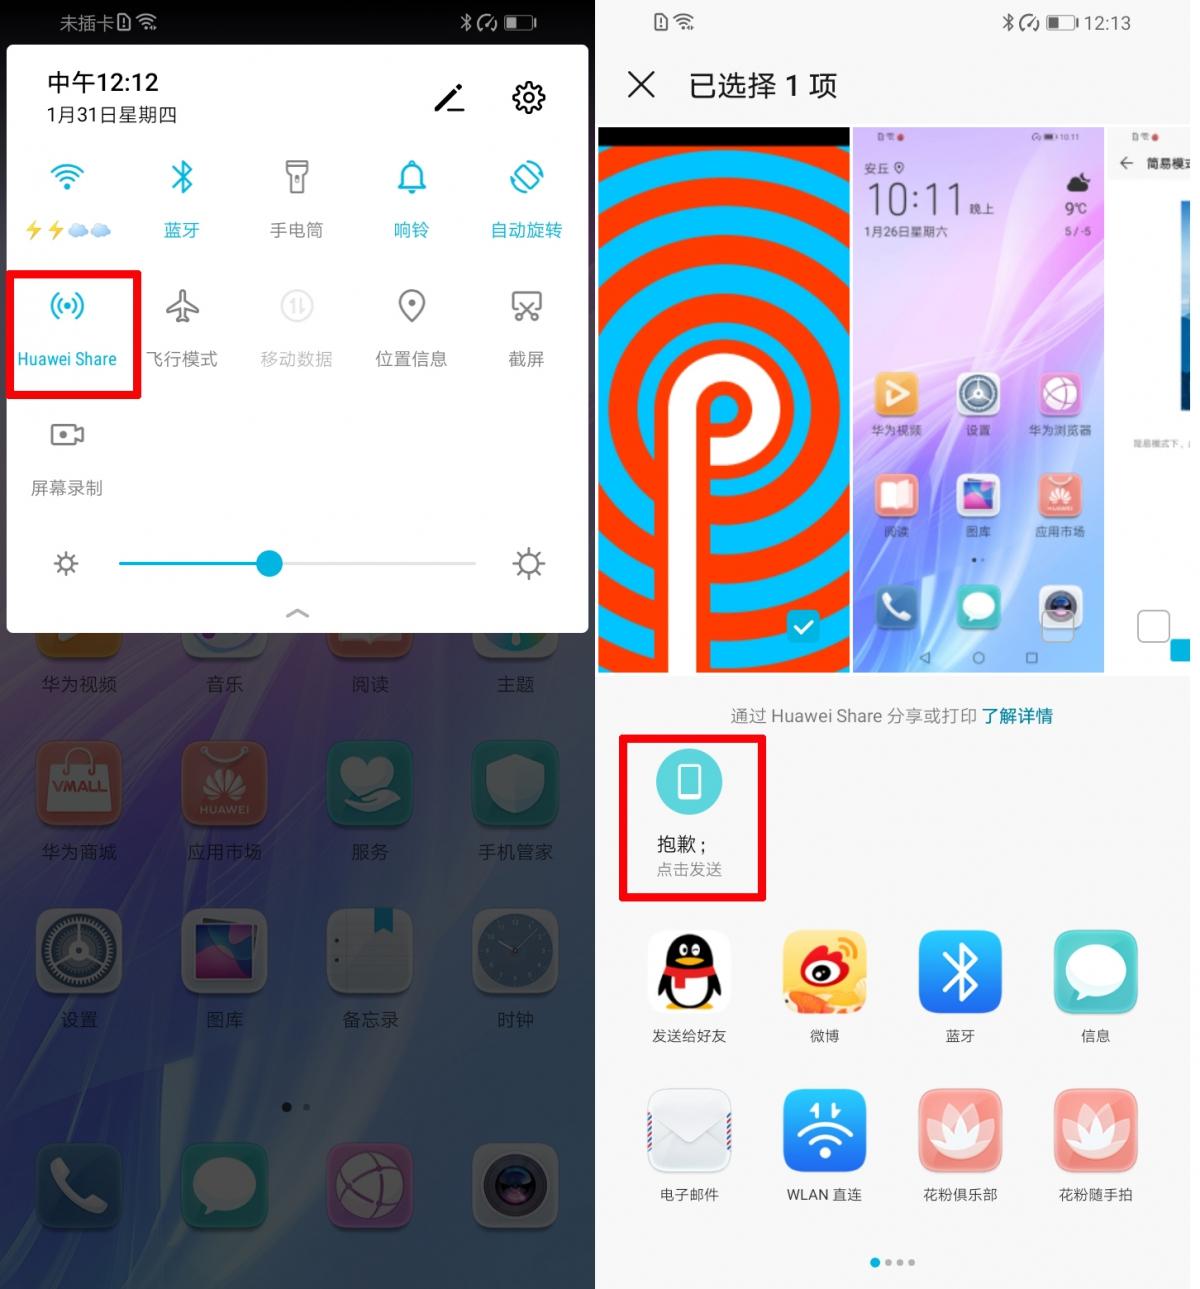 Screenshot_20190131_121226_com.huawei.jpg